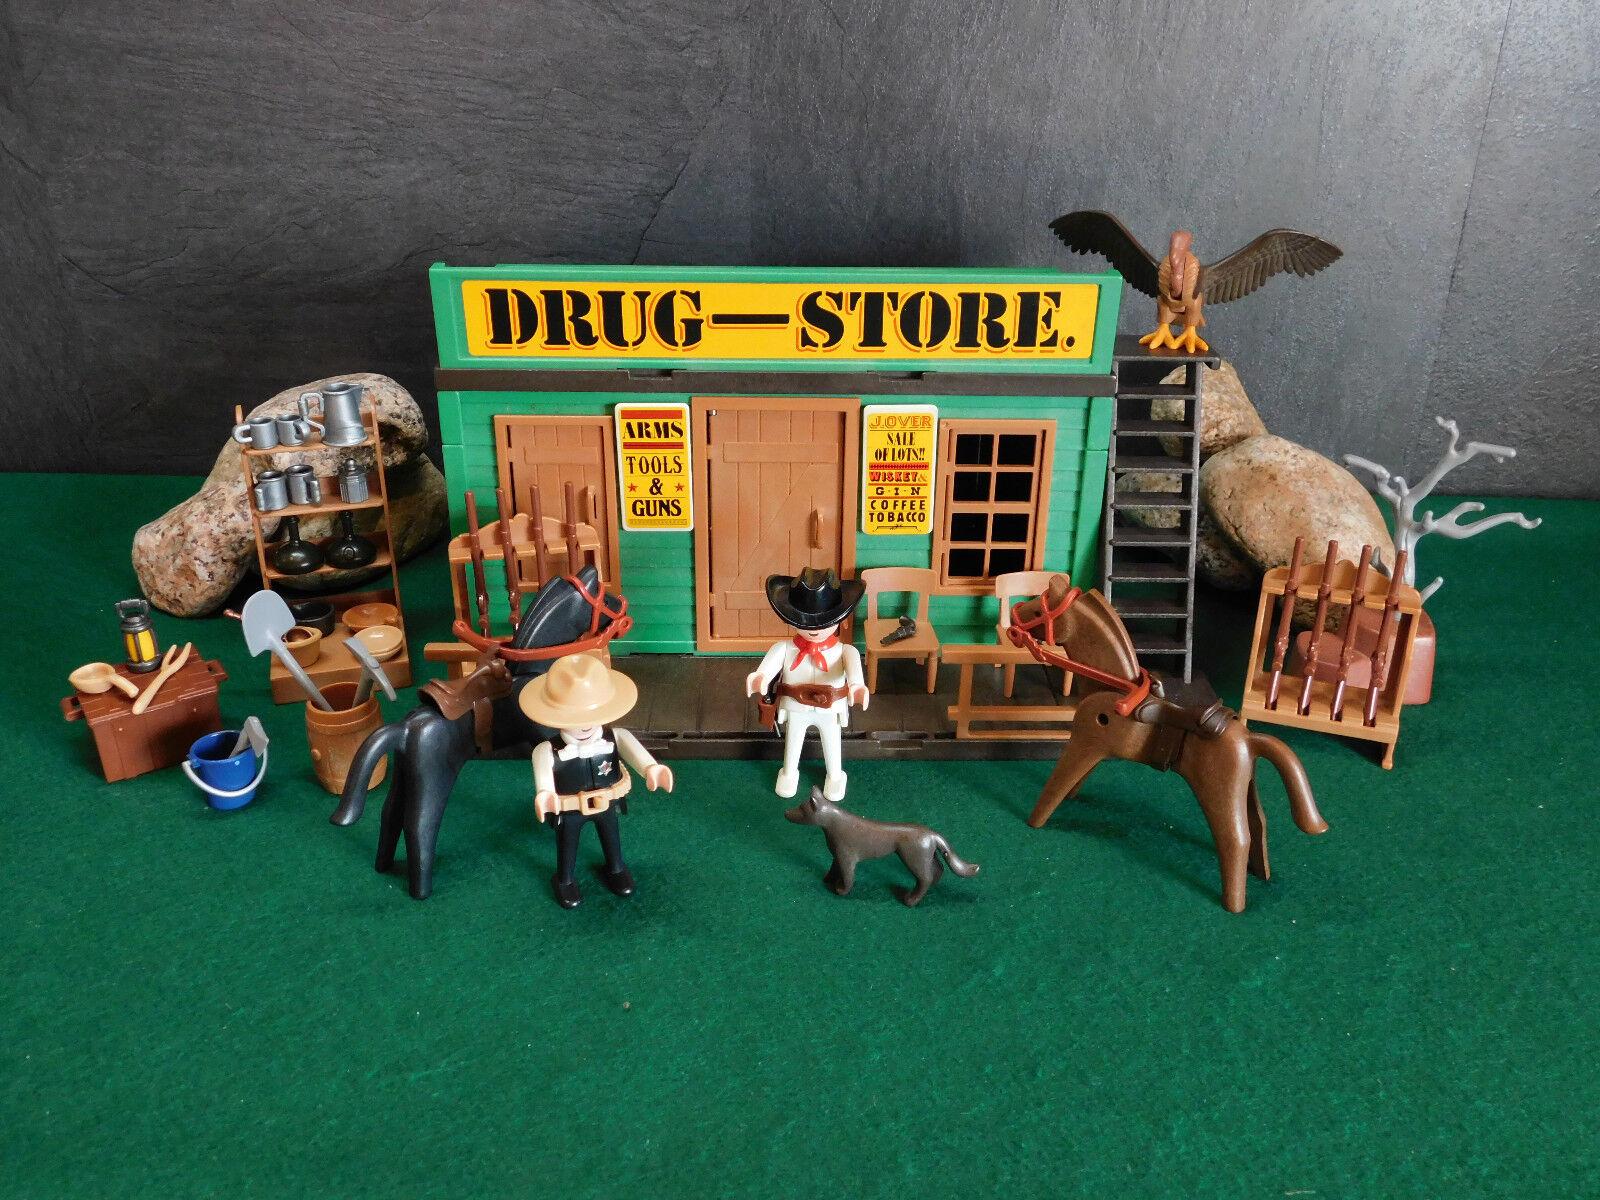 Playmobil Rarität Drug-Store wie 3462-A 1983 III mehr Zubehör ohne OVP